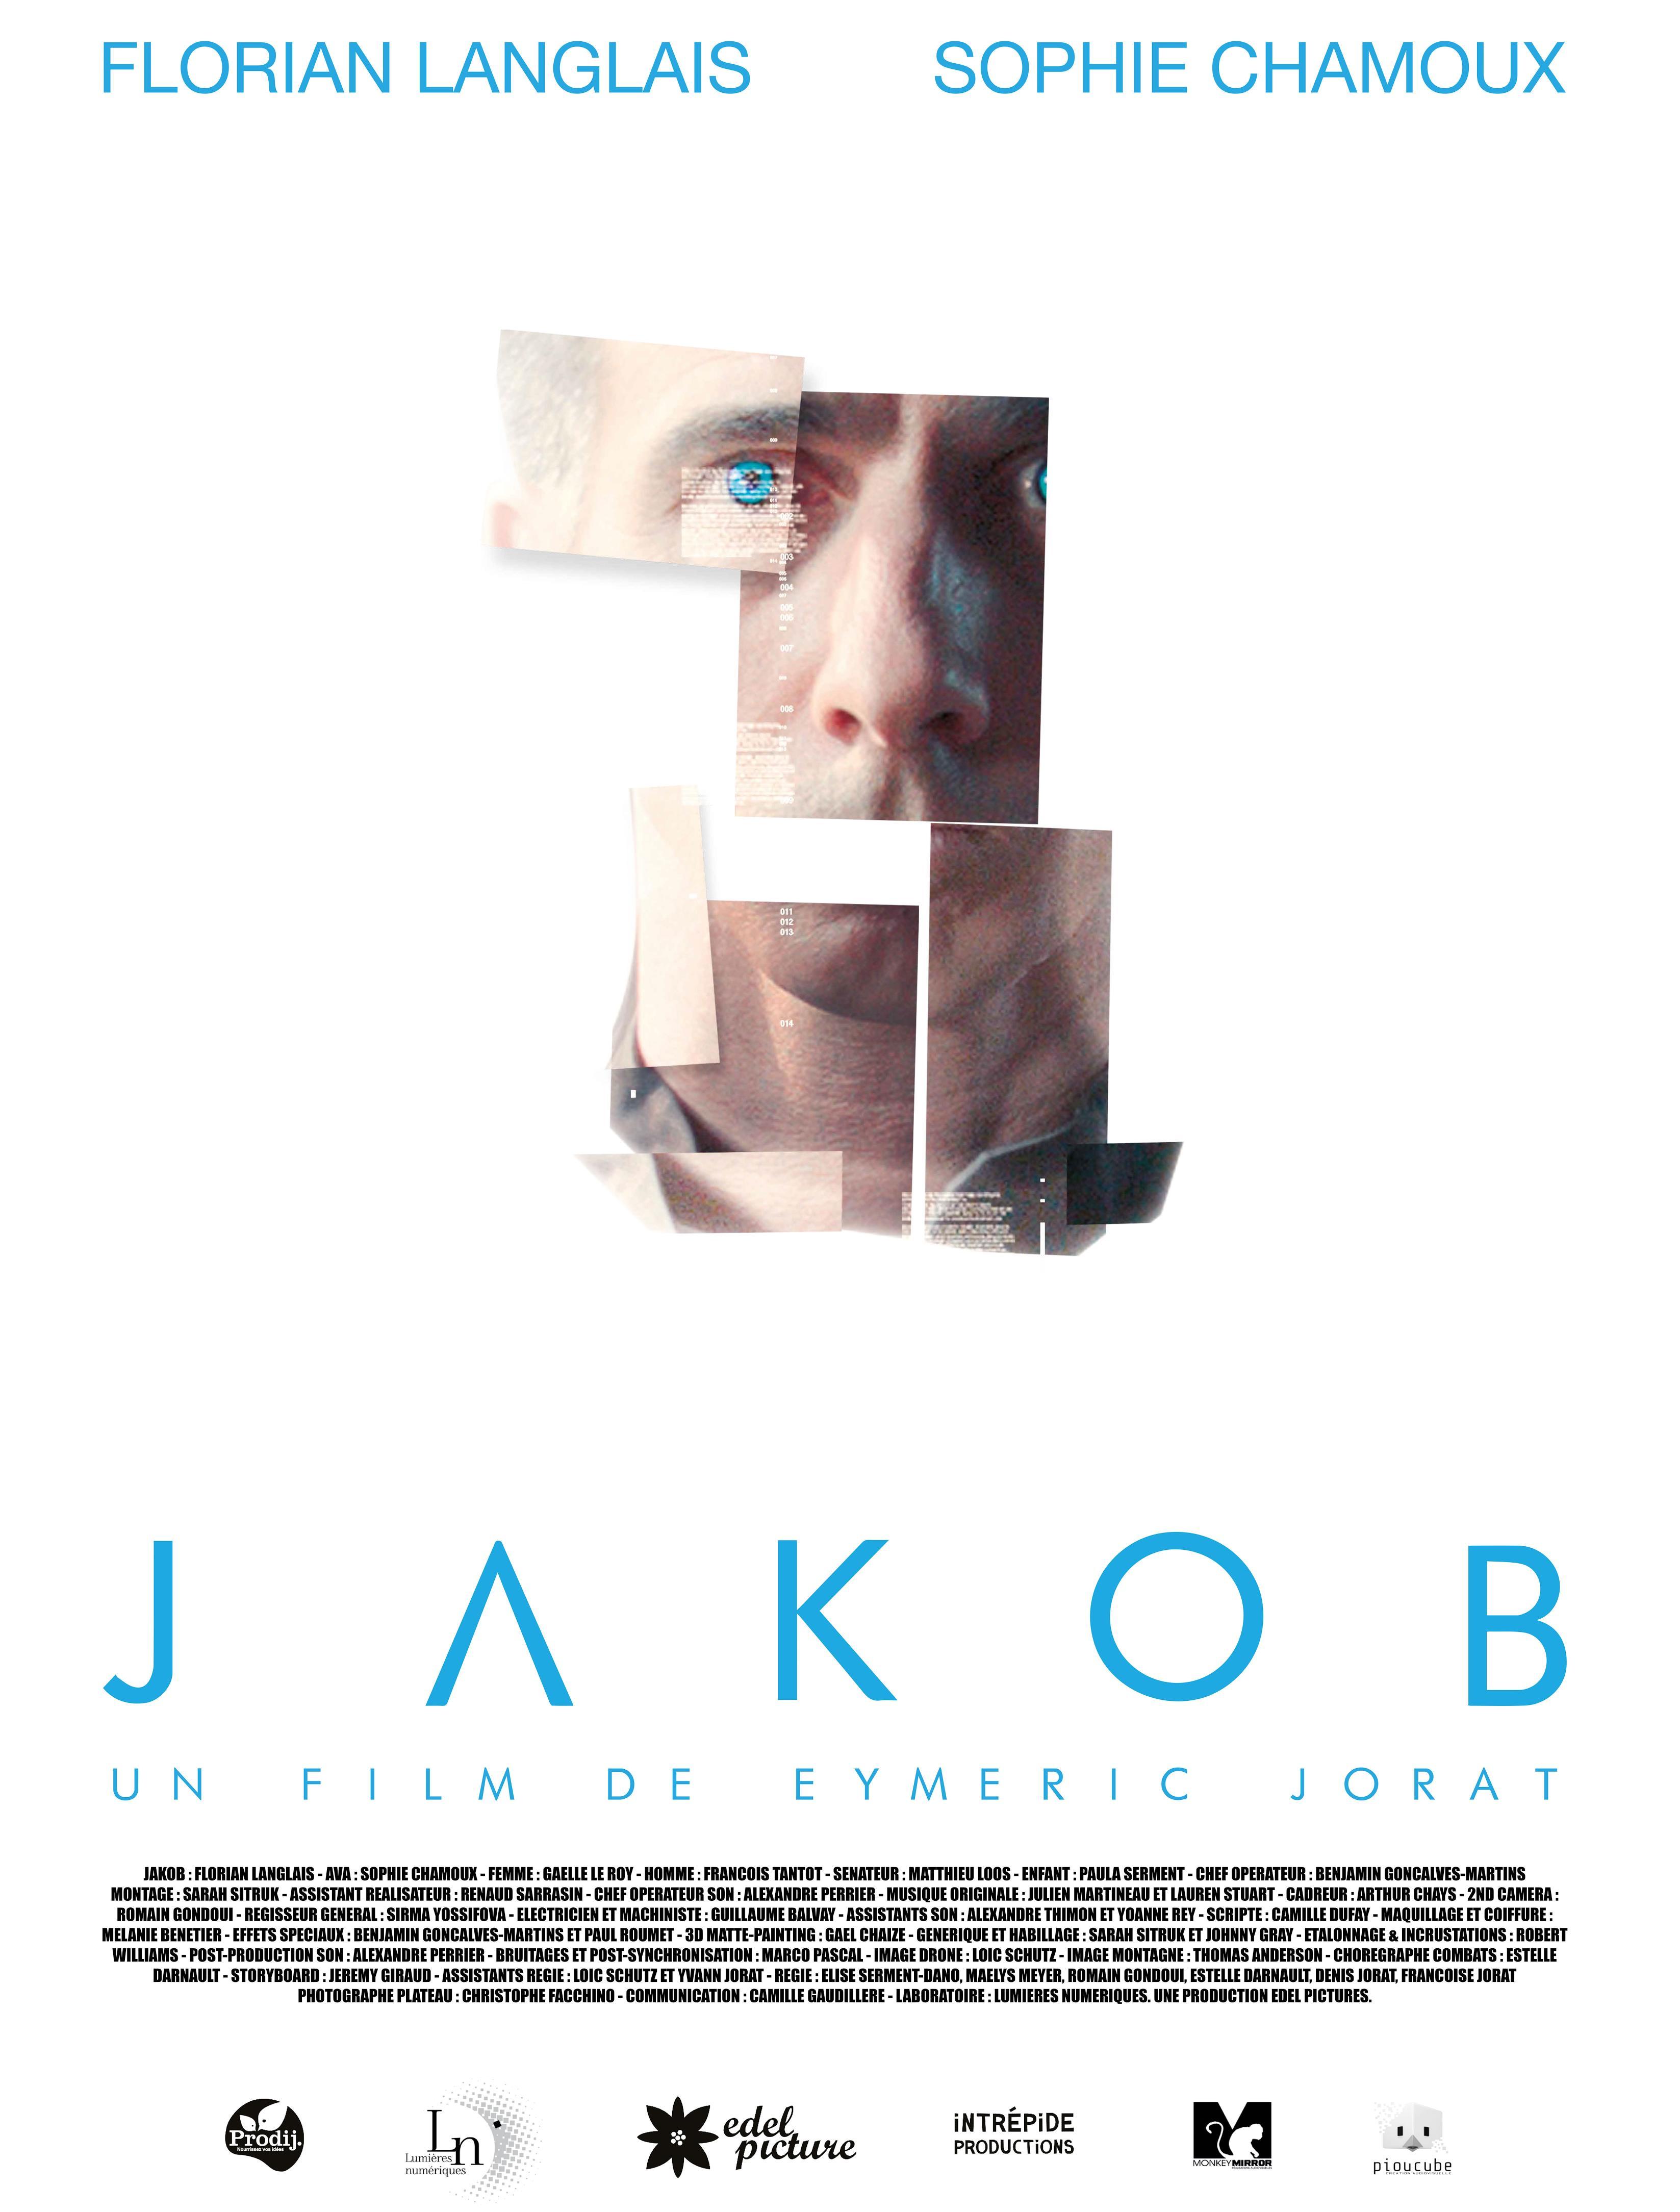 jakob 2